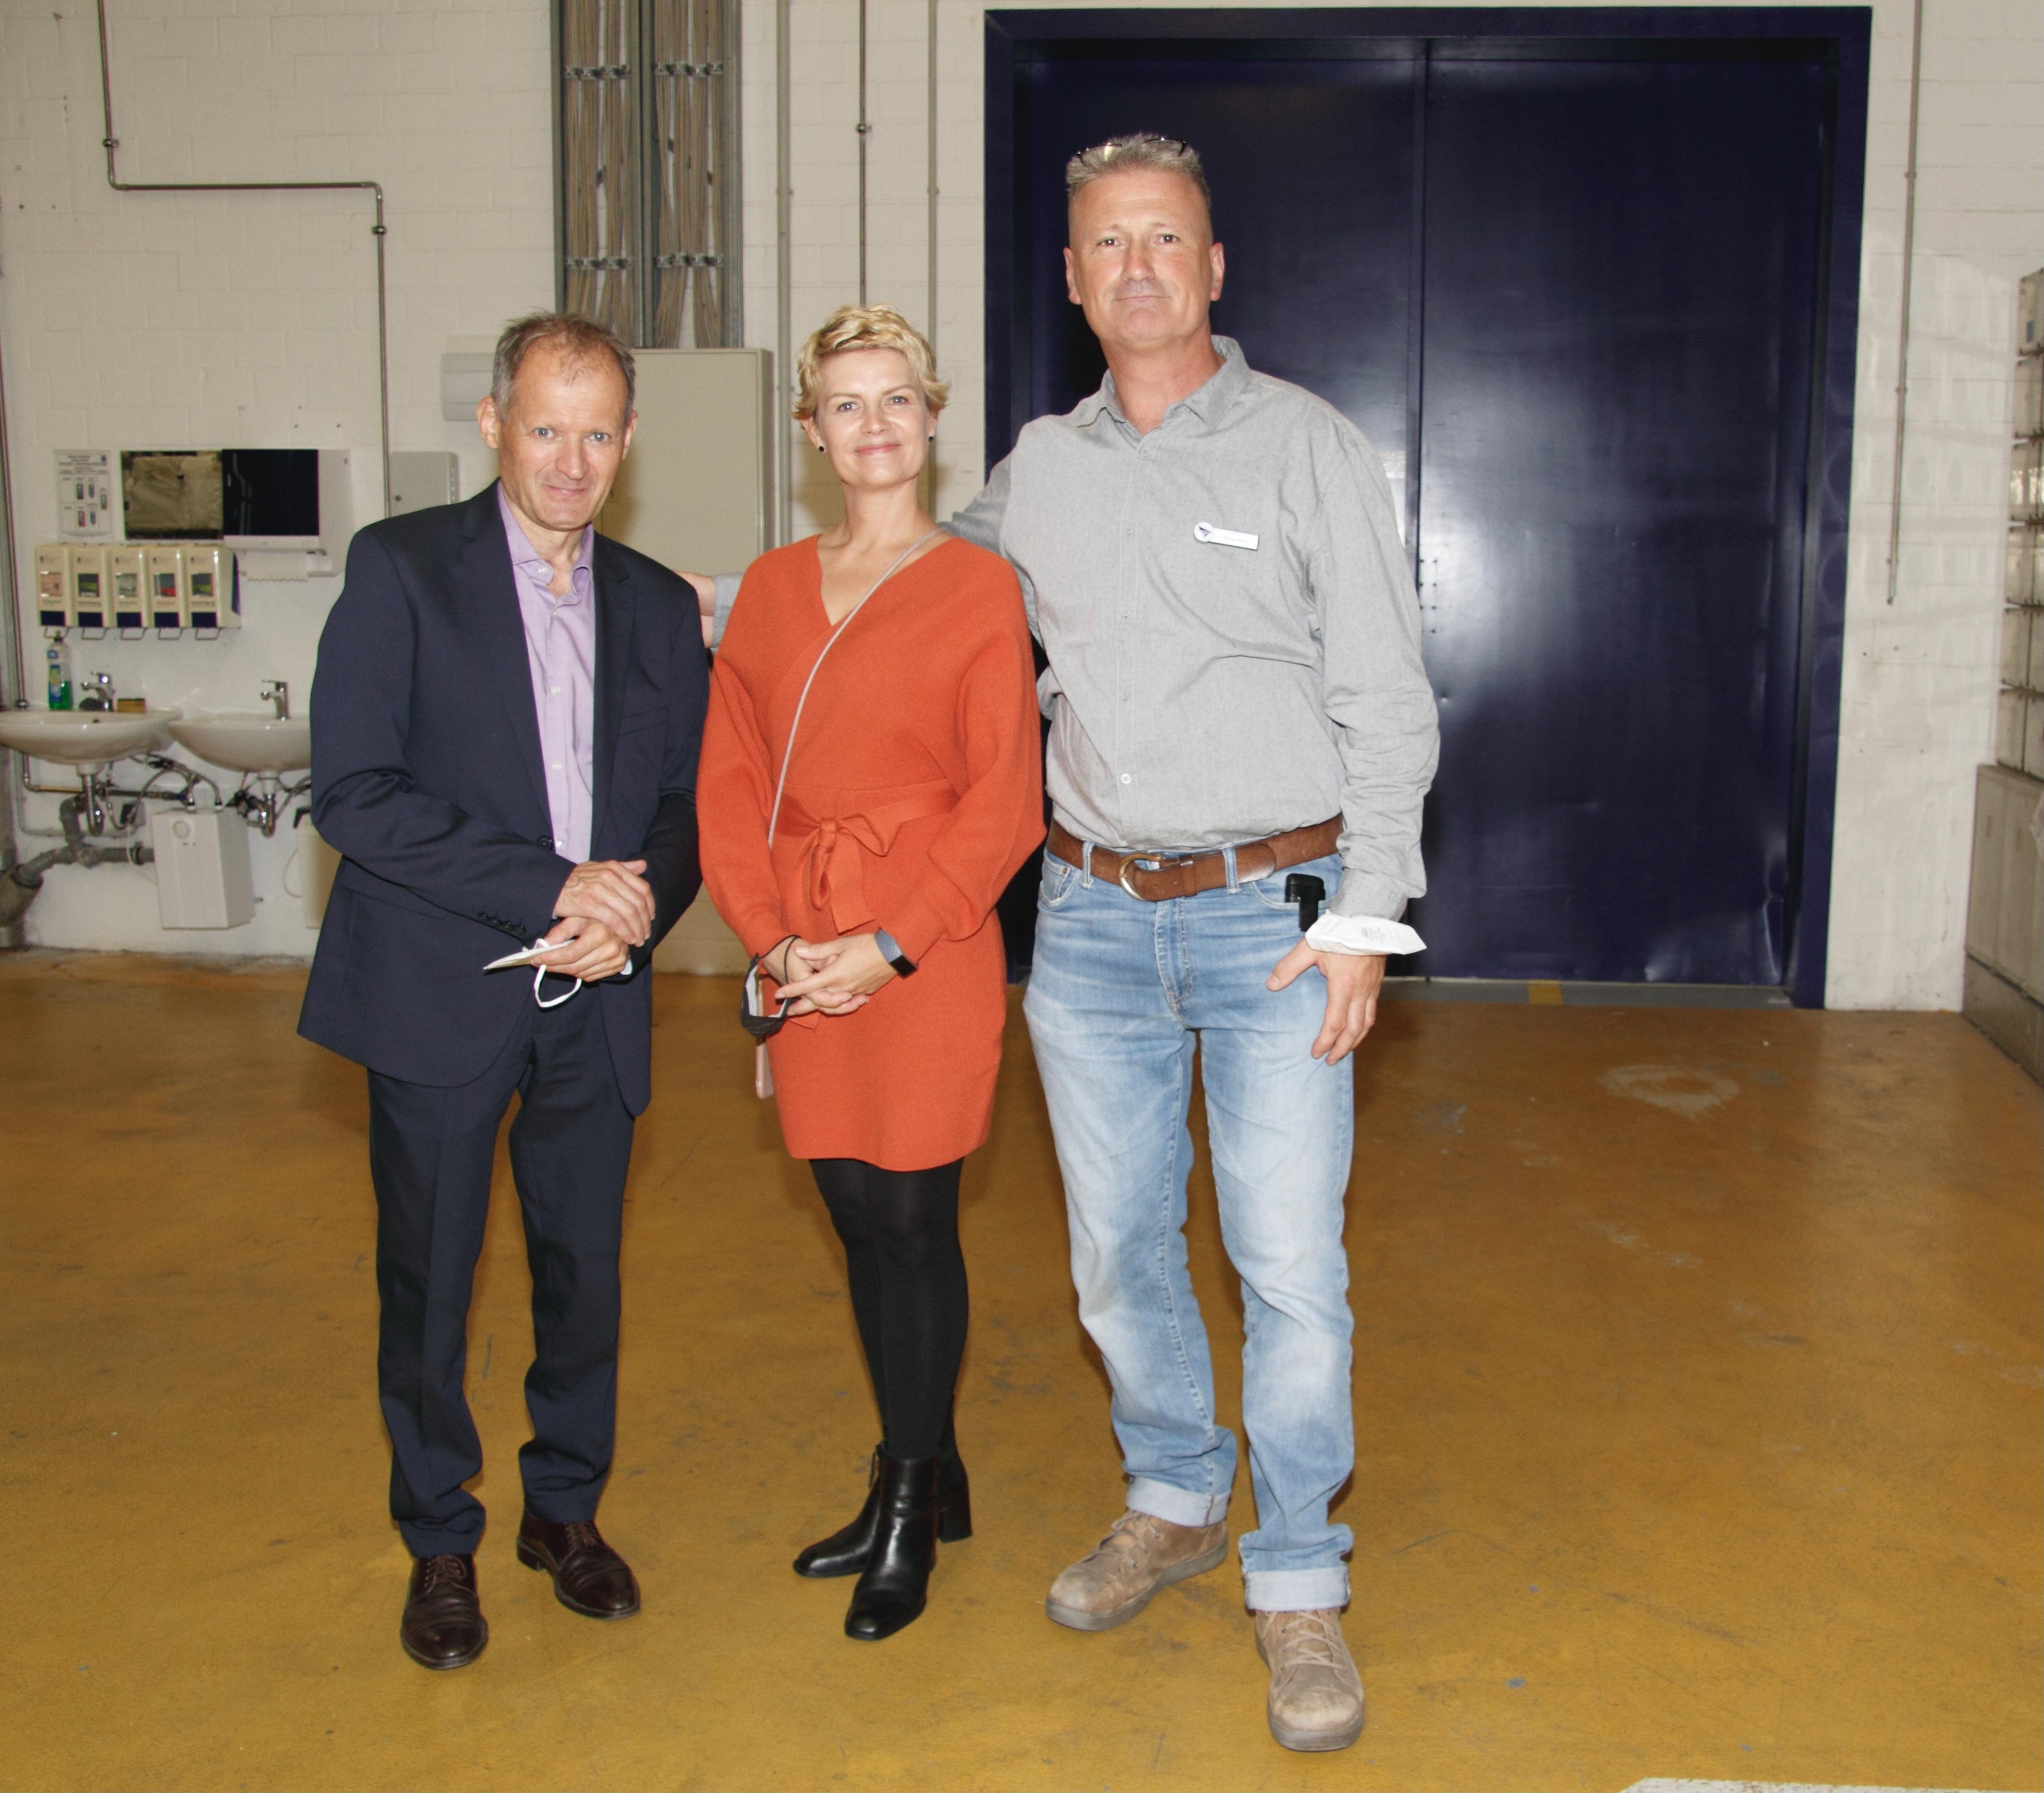 Die Kollegen Norbert Atzler, Stefanie Werner und Thomas Brauns.